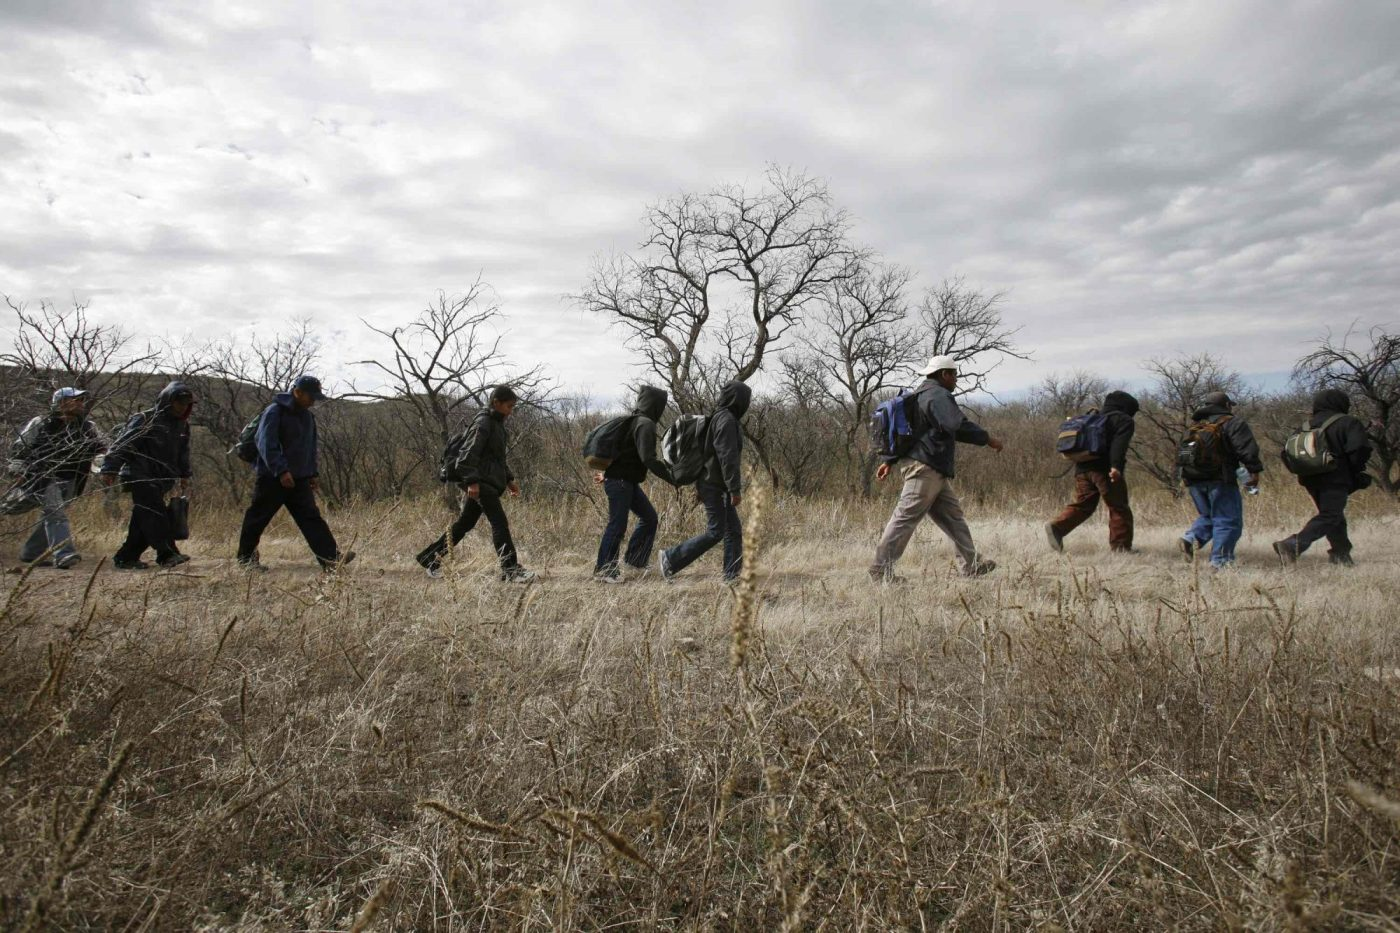 Un grupo de inmigrantes caminan por el desierto hacia la frontera con EE.UU. Cerca de Sasabe, México.